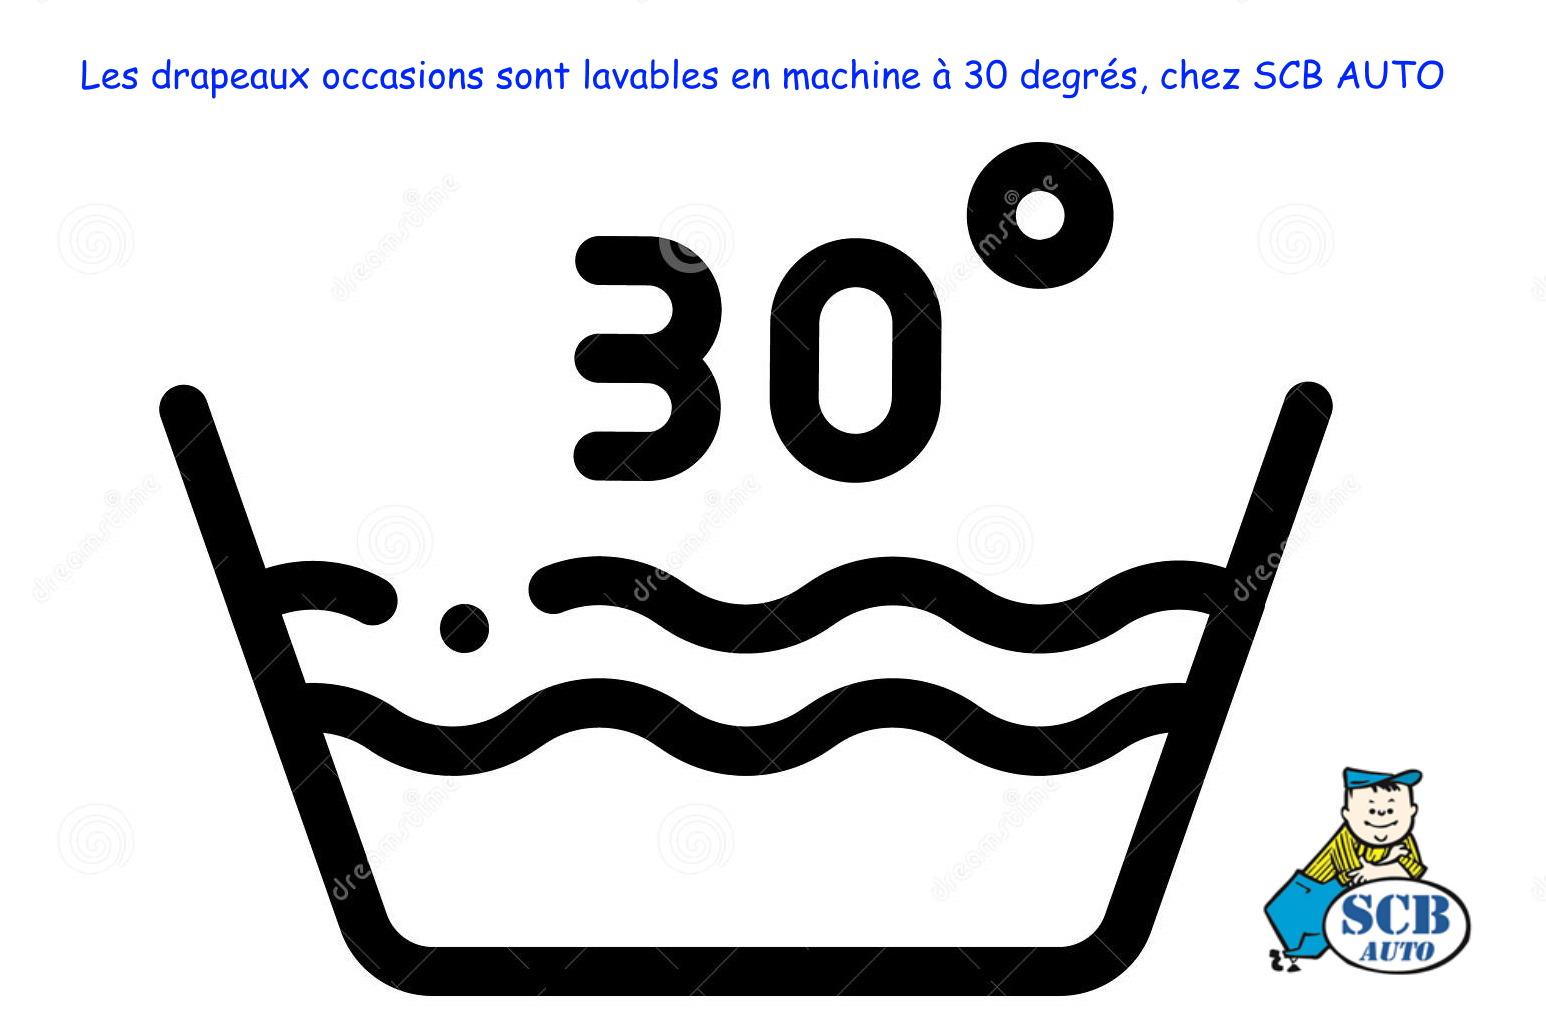 Drapeaux occasion Pavillons Vo lavables